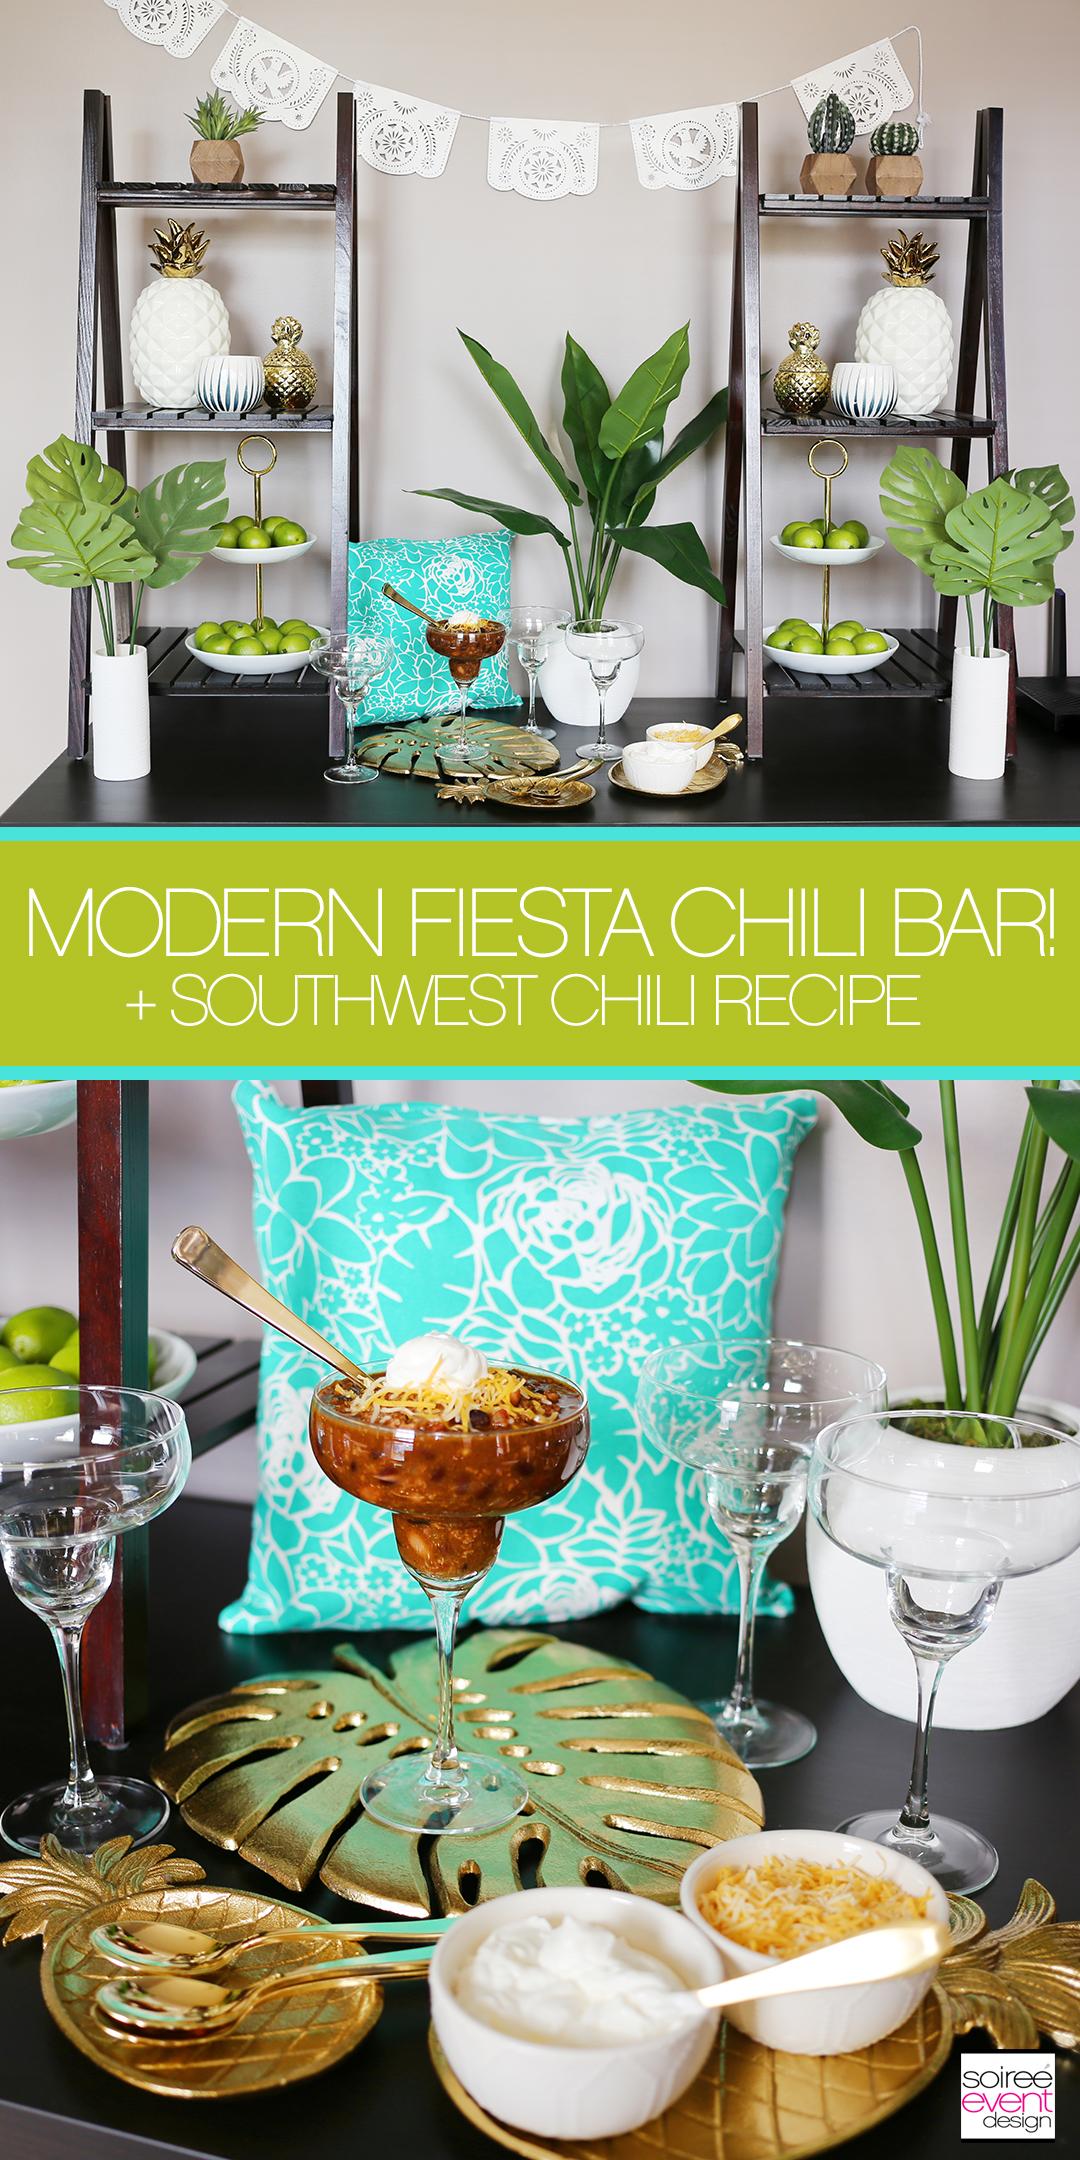 Set up a Modern Fiesta Chili Bar + Southwest Chili Recipe